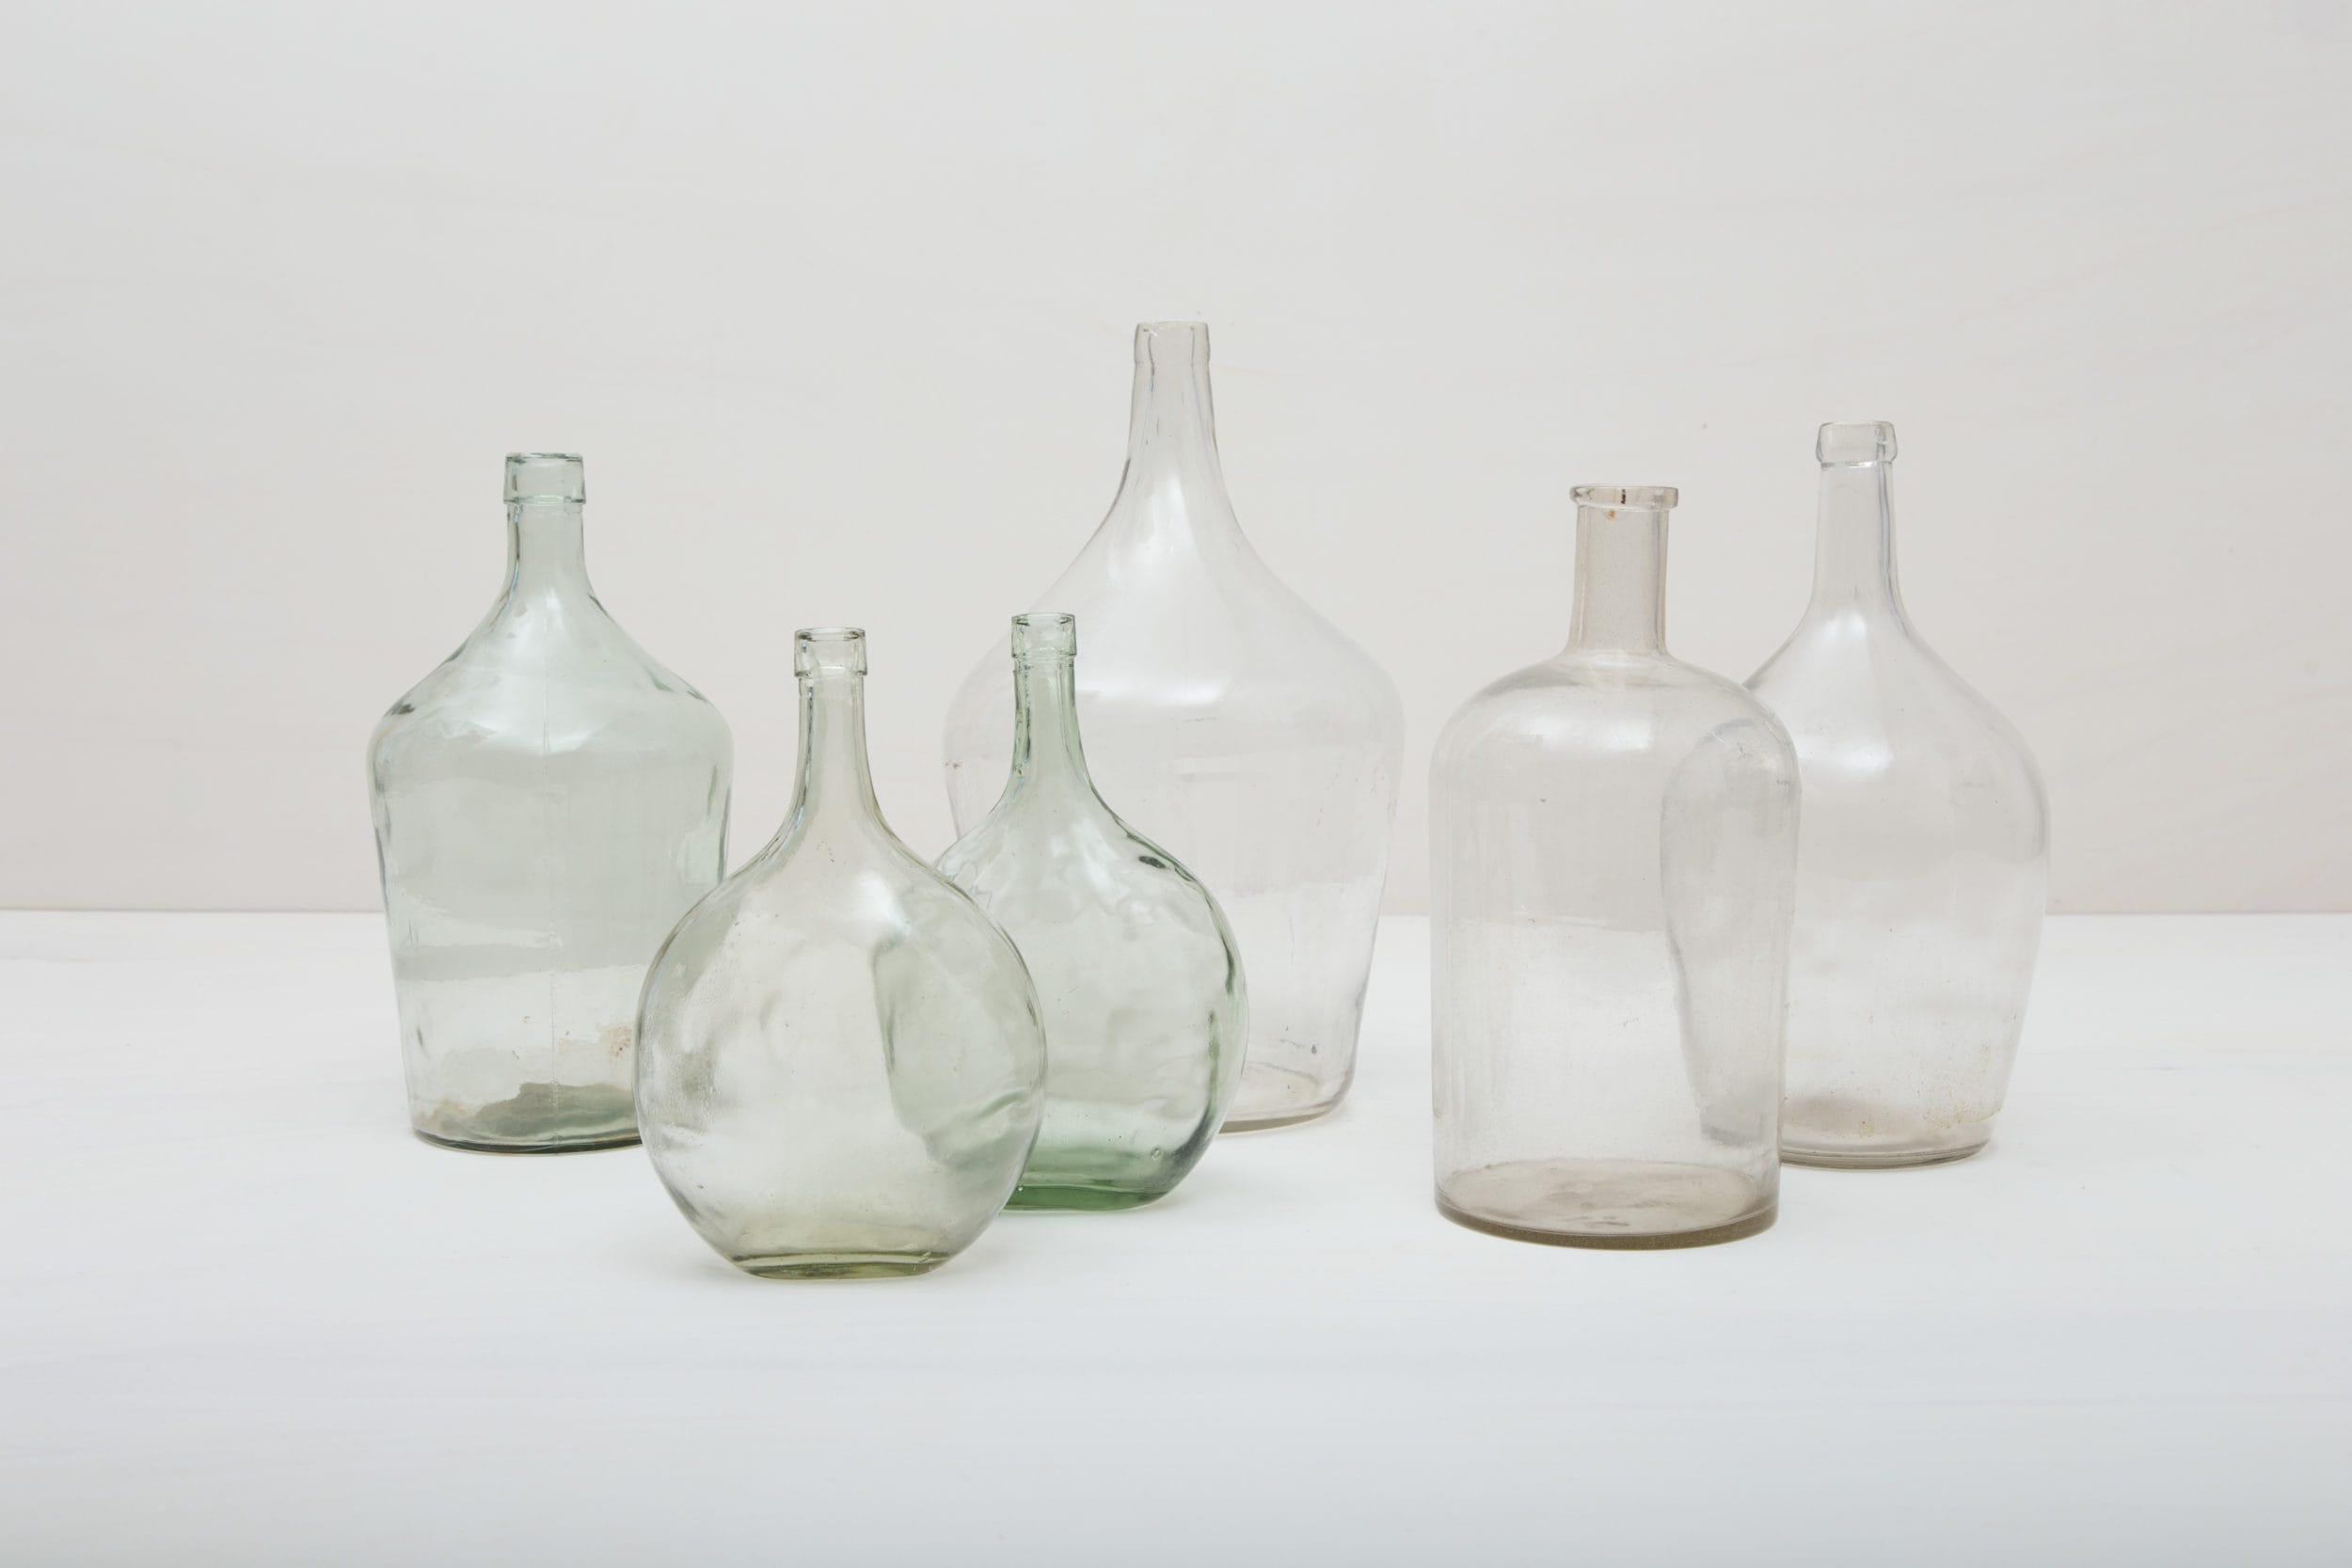 Wie viele Liter Wein mögen in diesen Weinballons für ausschweifende Feste gekeltert worden sein? Das wird wohl ein Rätsel bleiben. Völlig klar dagegen ist, dass die Weinballons heute eine wundervolle Dekoration auf Ihrem Fest abgeben. Ob zu mehreren gruppiert oder alleine, die bildschönen, bauchigen Formen in Klarglas machen sie zu wahren Augenschmeichlern. Sie eignen sich bestens als Vasen für lange Gräser oder exotische, einzelne Blüten. Die Weinballons sind in verschiedenen Größen verfügbar. Die einen sind klein genug, um auf dem Tisch Platz zu finden, die anderen eignen sie eher für Dekorationen auf dem Boden.